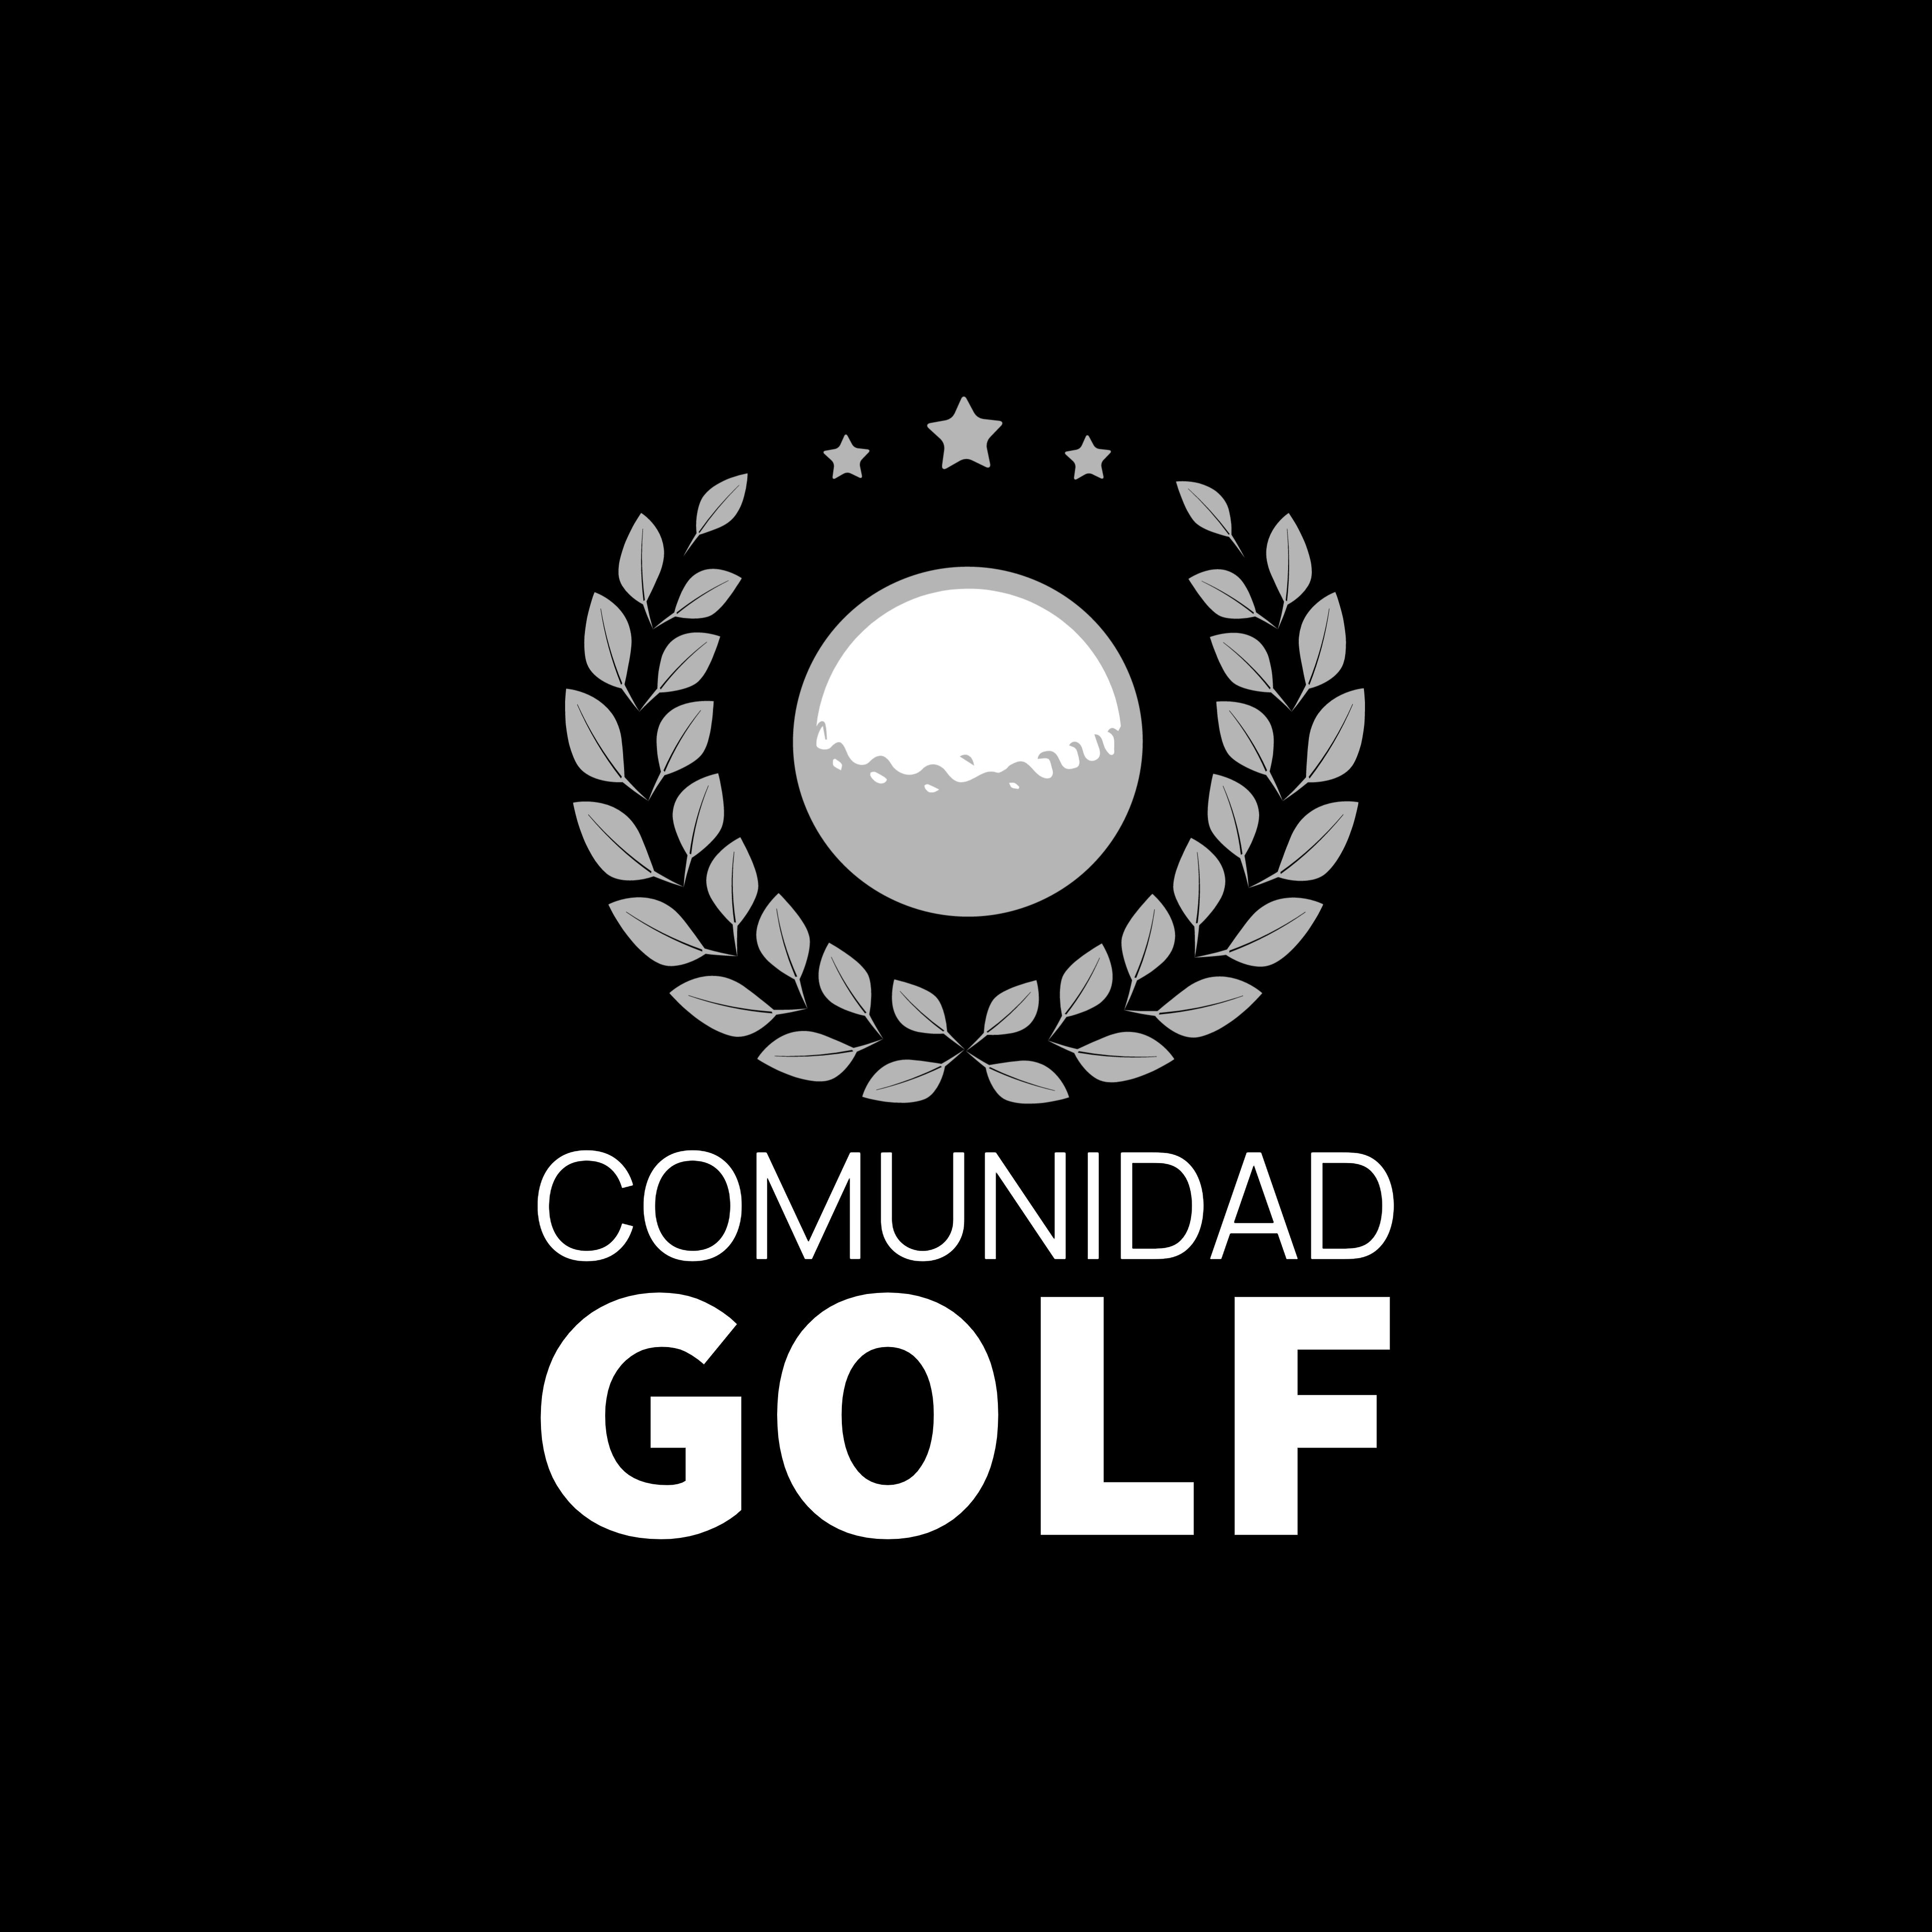 Comunidad Golf